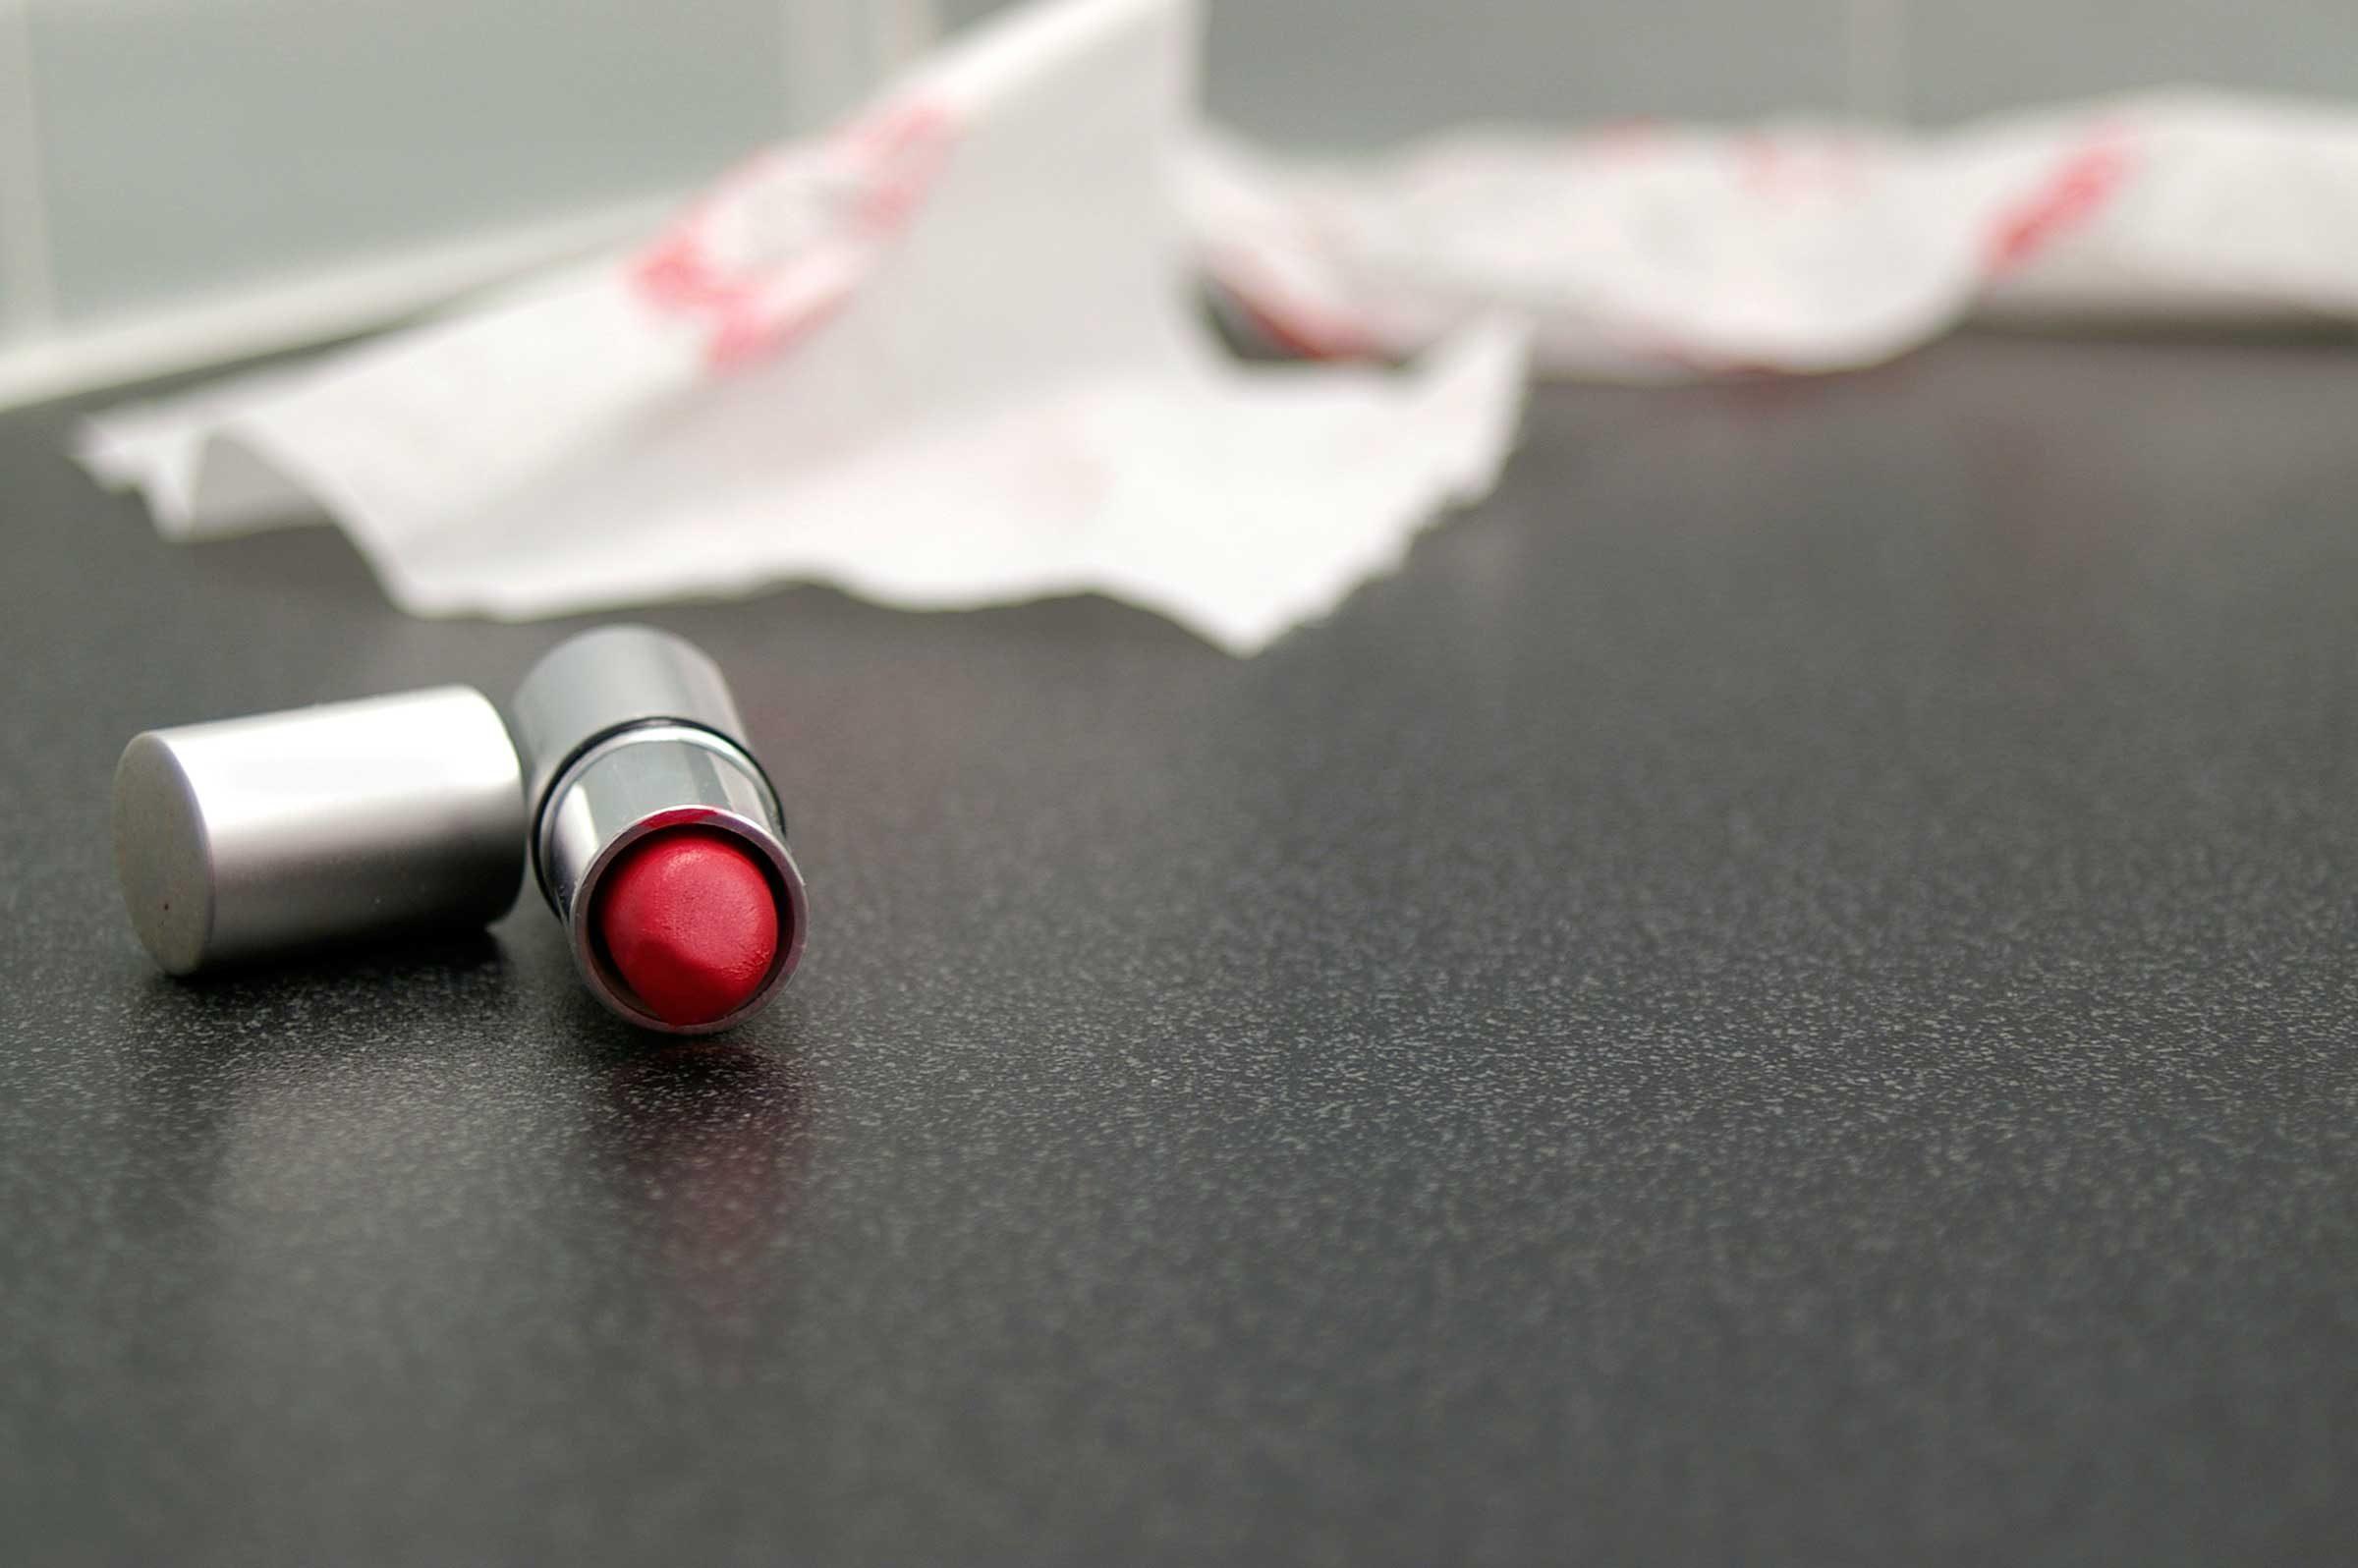 Mettez de la poudre sur votre rouge à lèvres pour le faire durer plus longtemps.